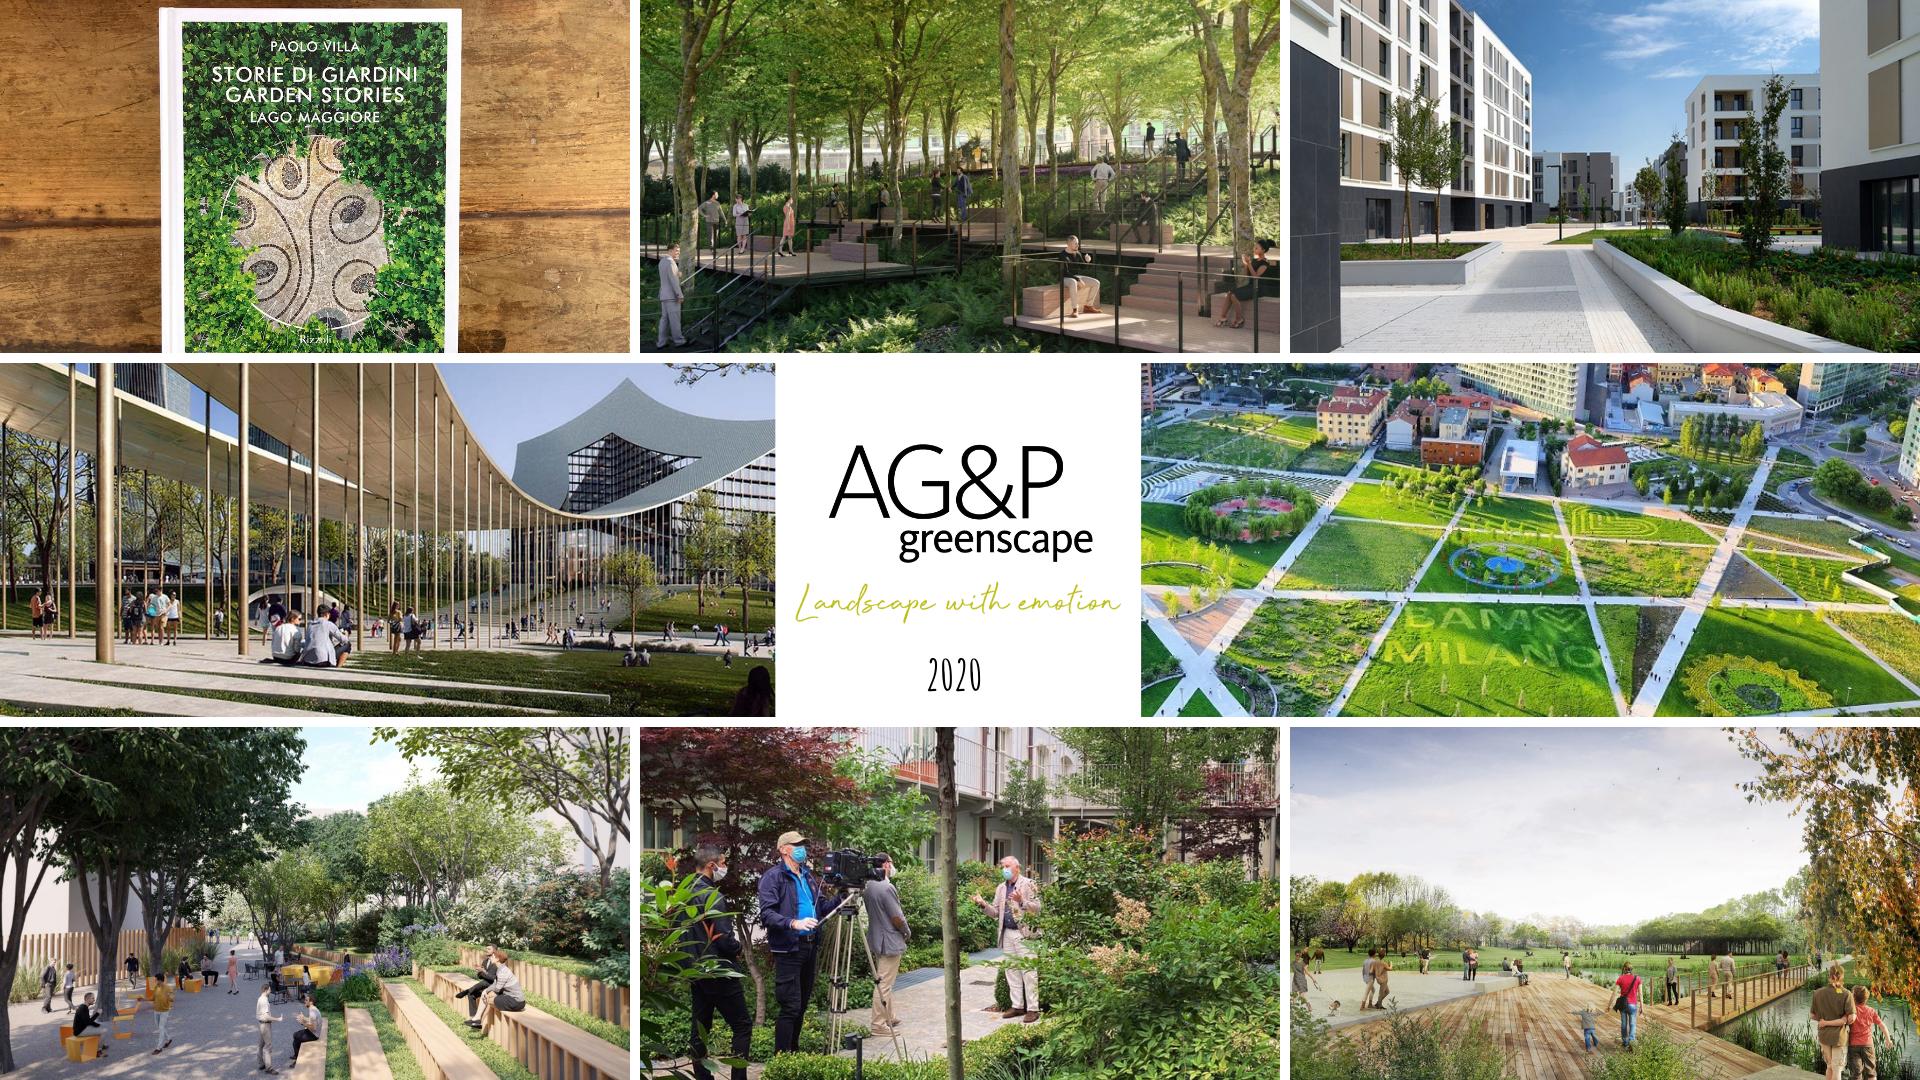 Il 2020 di AG&P greenscape